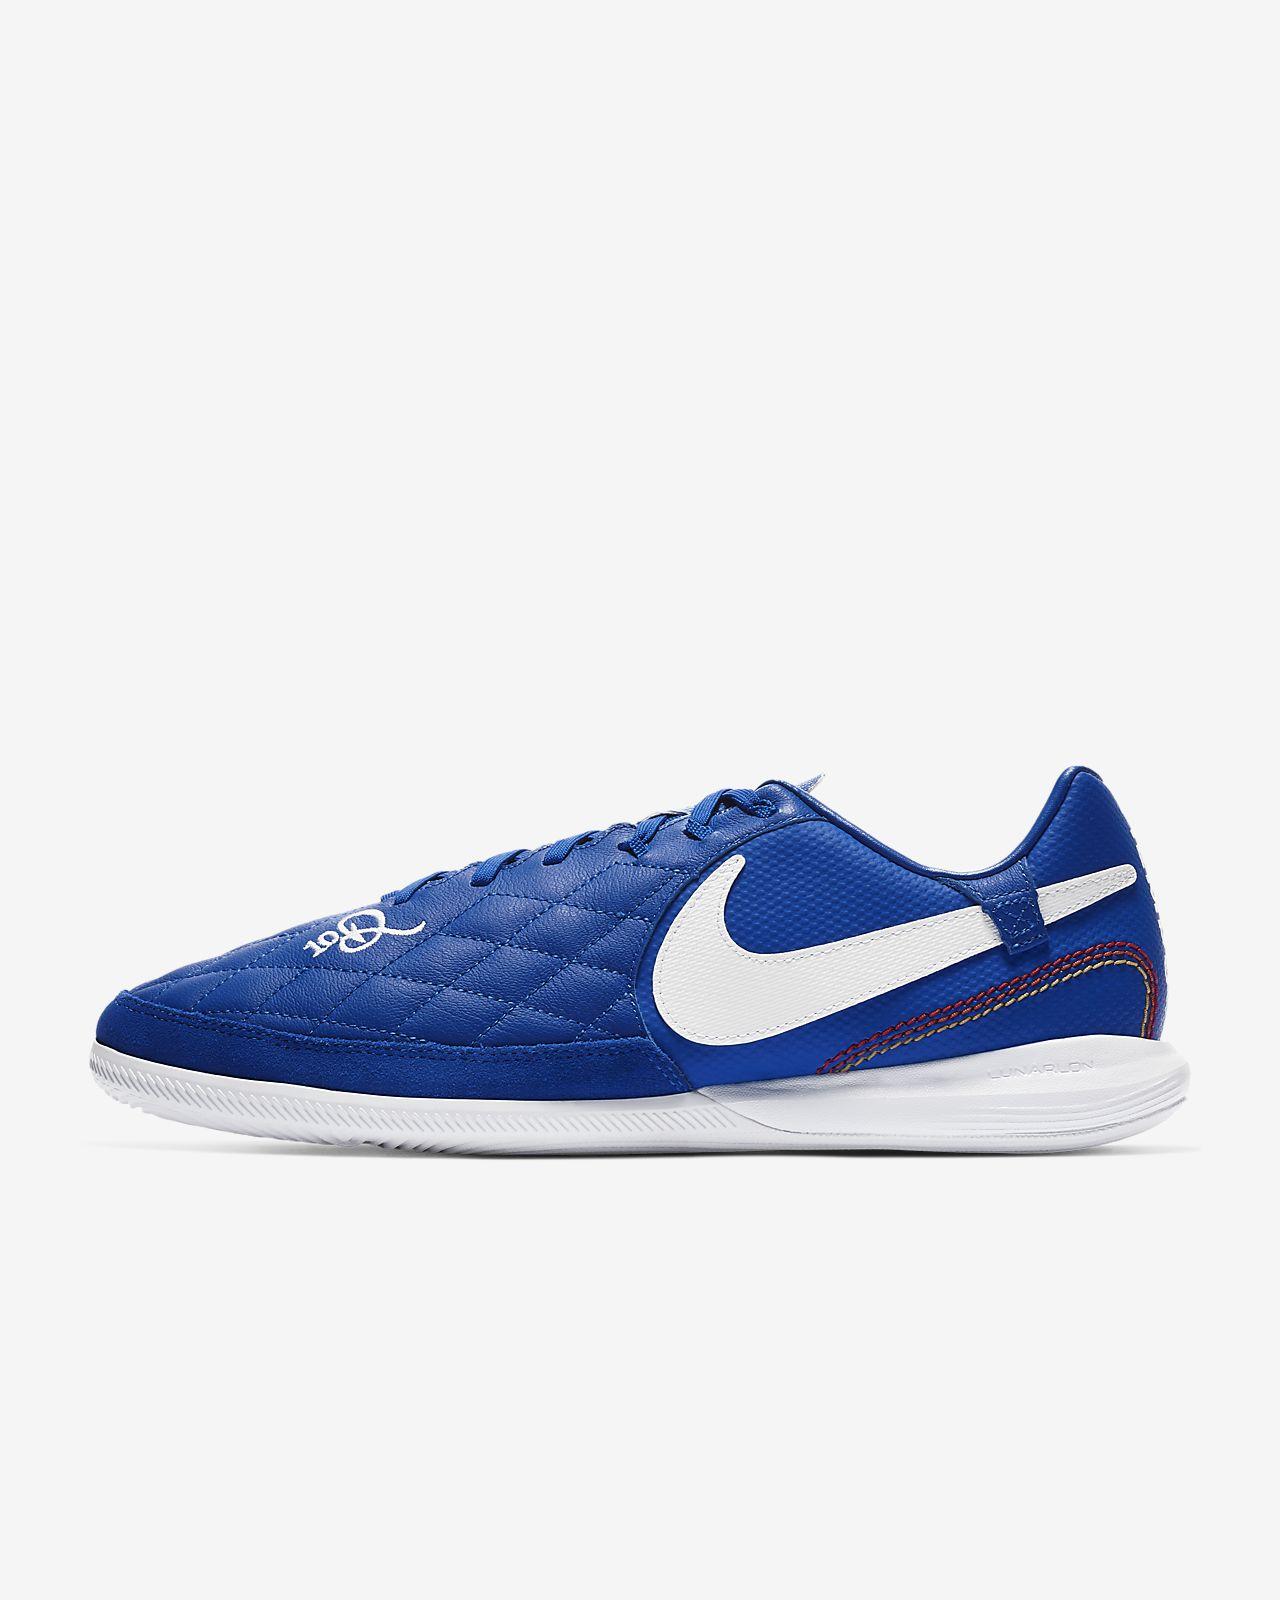 รองเท้าฟุตบอลสำหรับคอร์ทในร่ม Nike TiempoX Lunar Legend VII Pro 10R